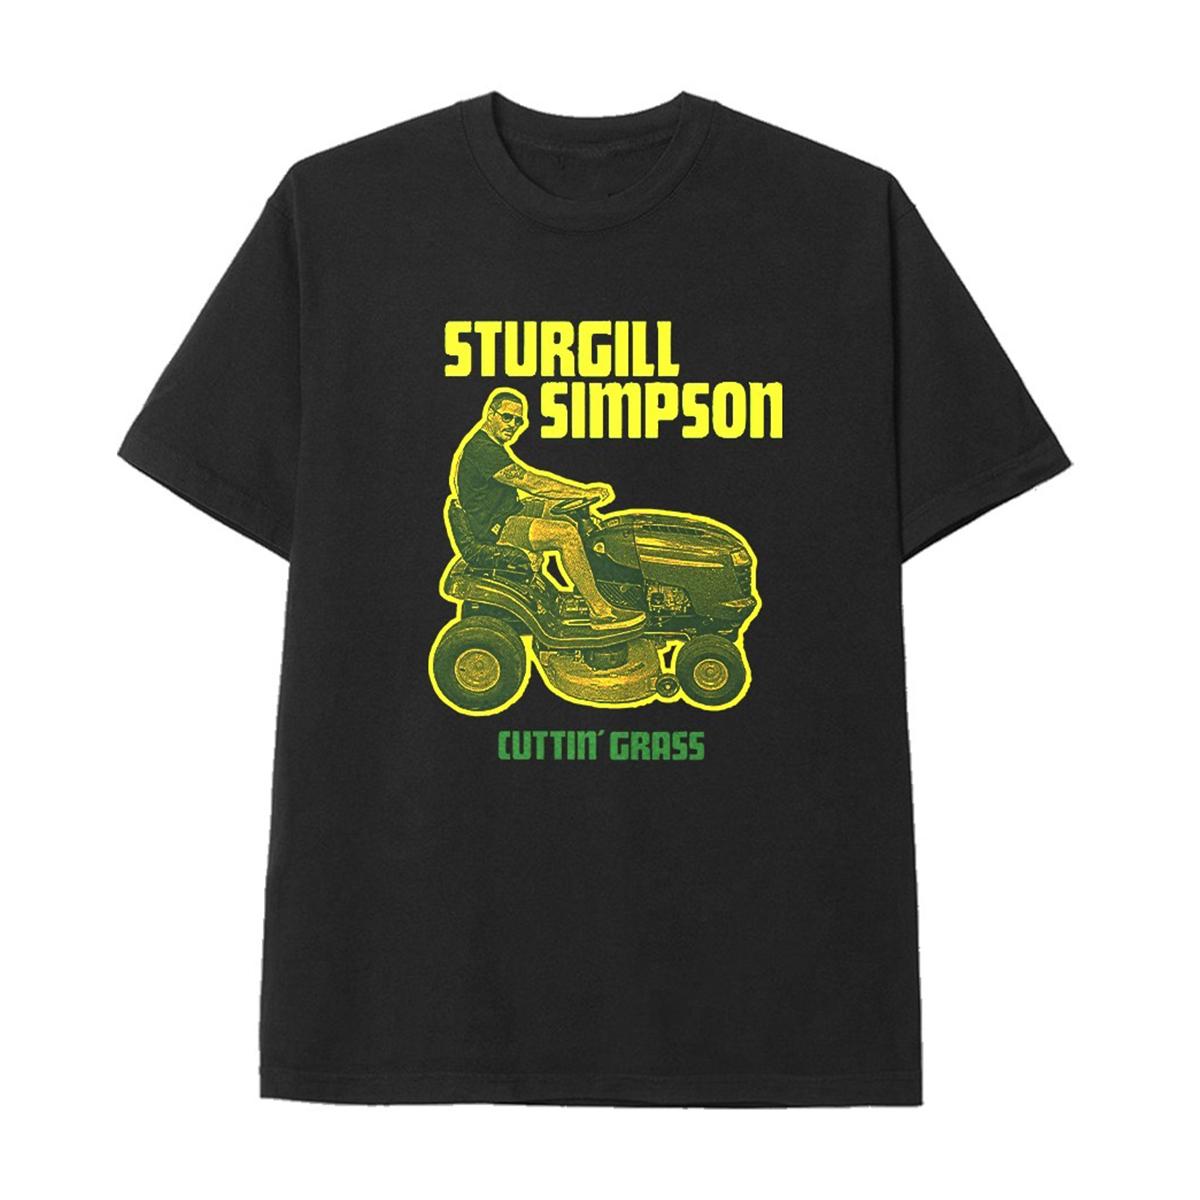 Cuttin' Grass Black T-shirt